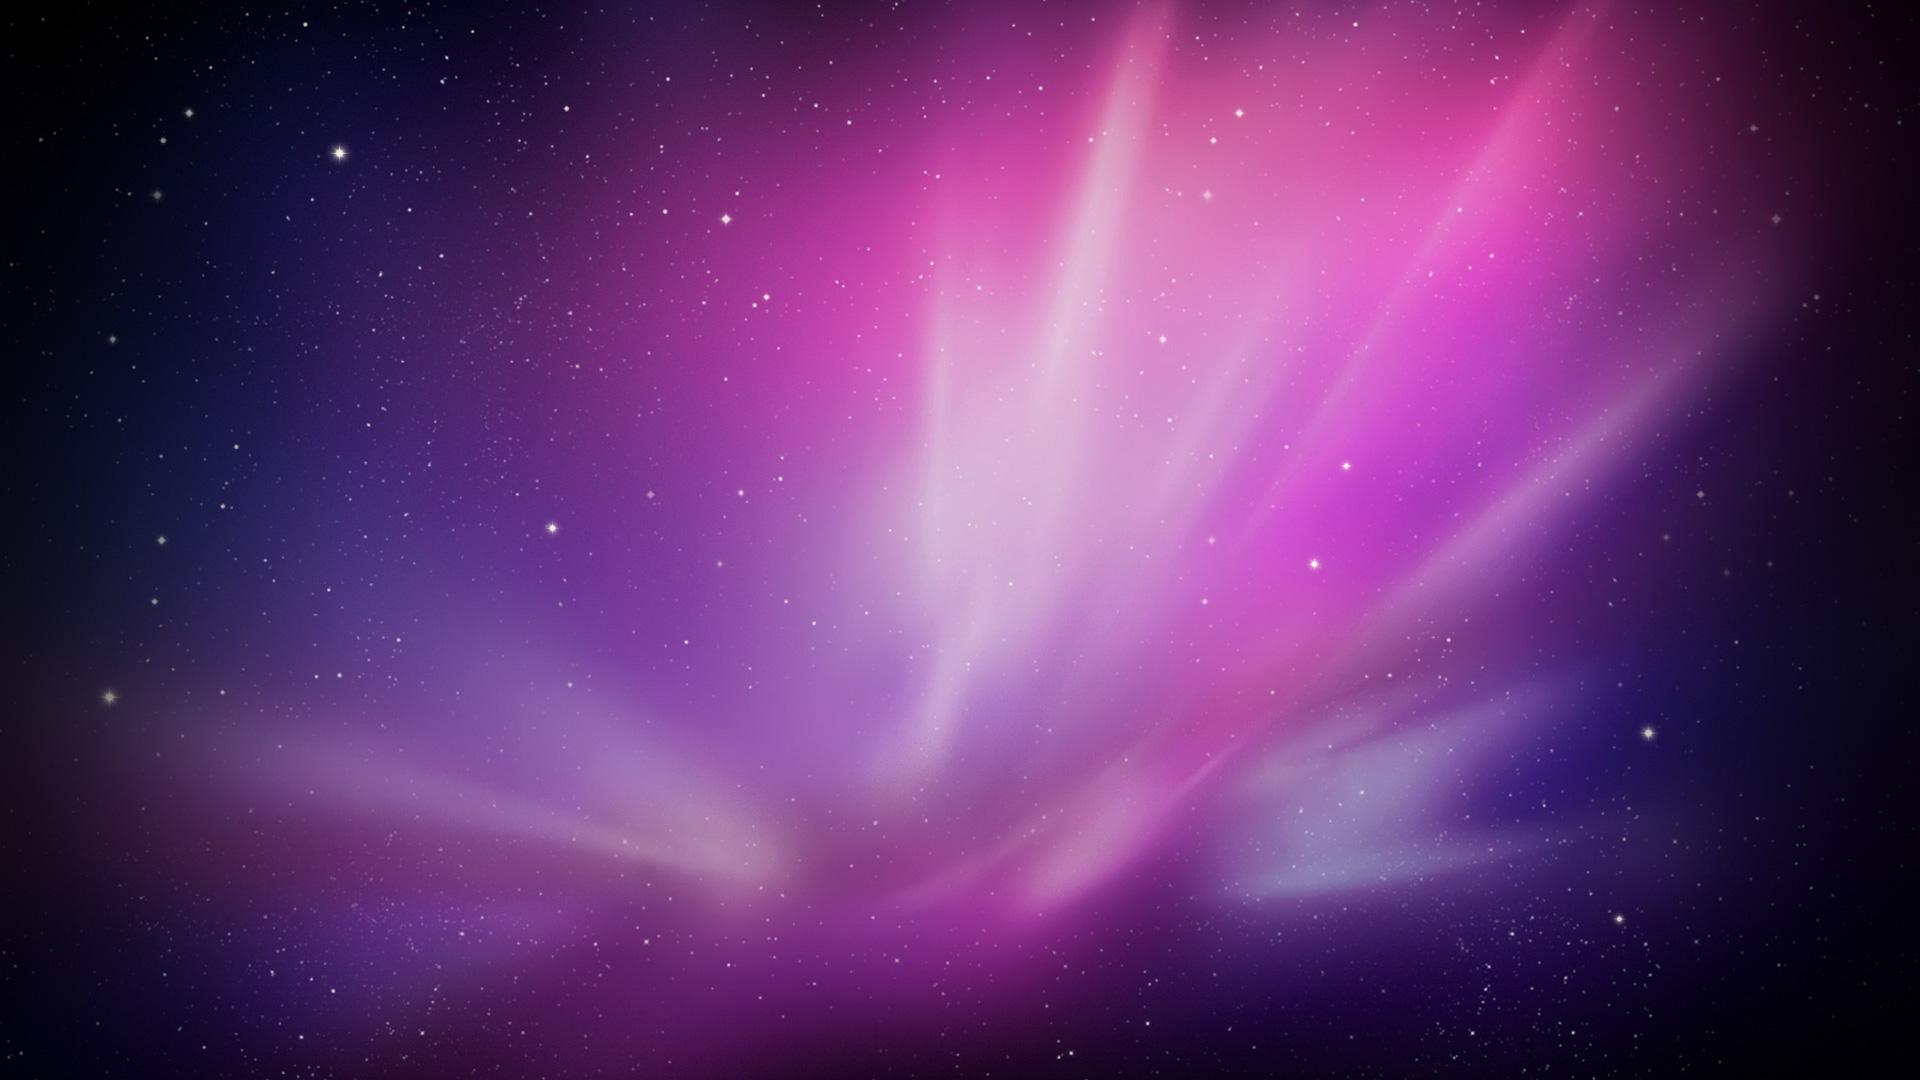 Mac OS X Snow Leopard Full HD wallpaper 1080p 1920x1080